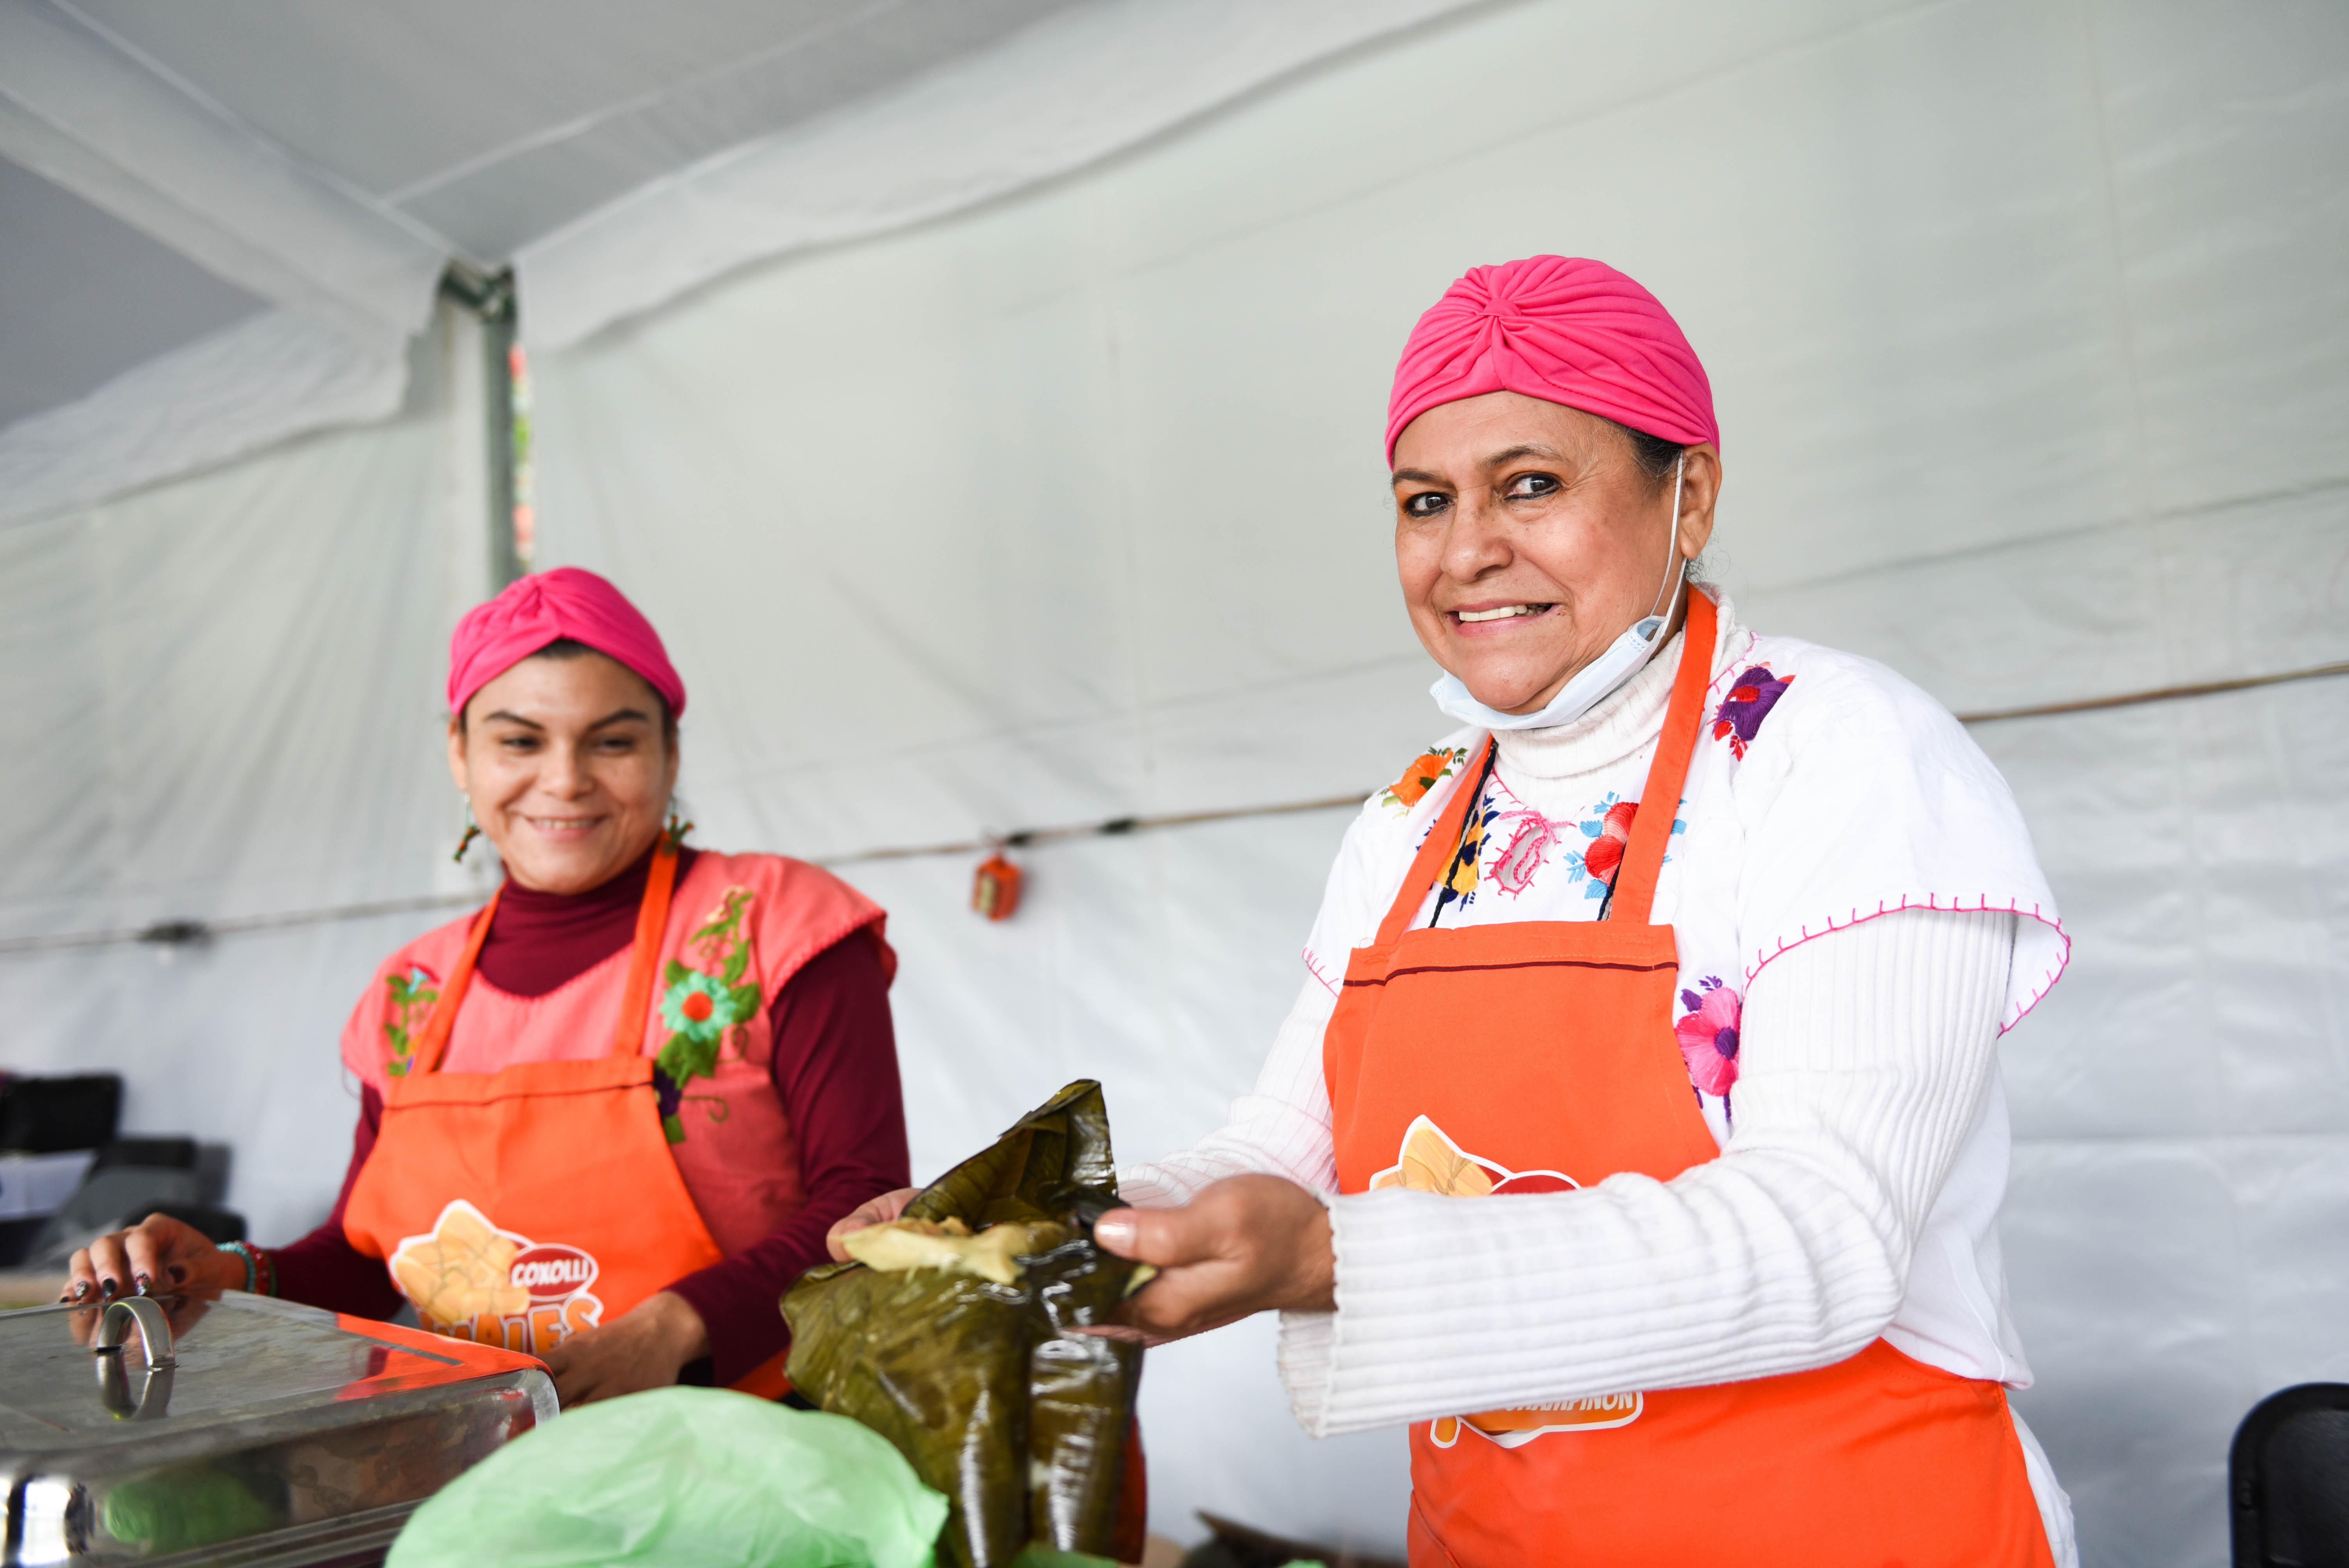 Todo lo que debes saber sobre la Feria del Tamal en Xalapa